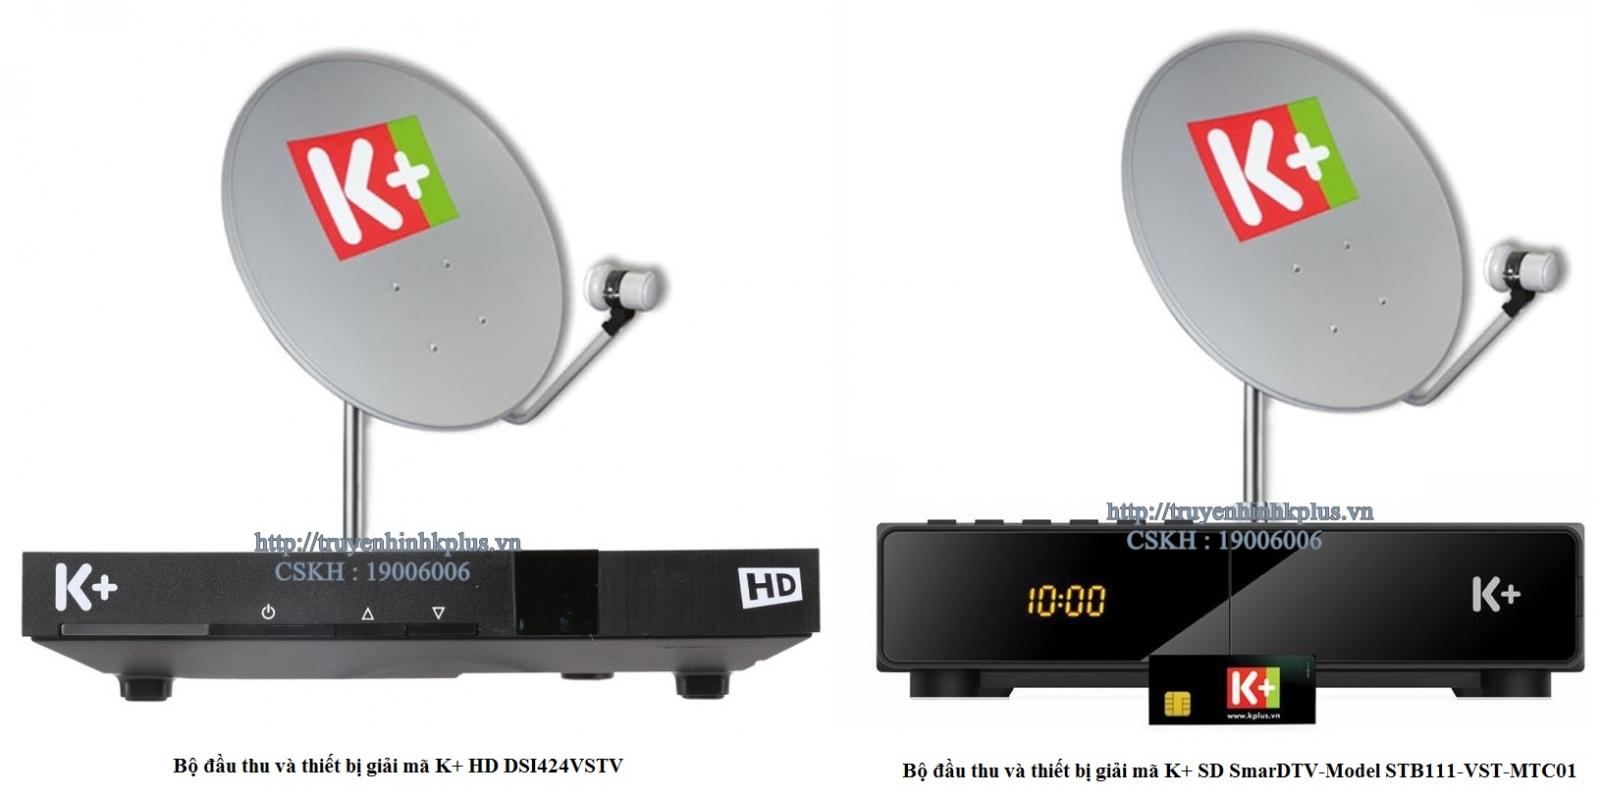 bộ thiết bị k+ thu gói kênh Premium HD+